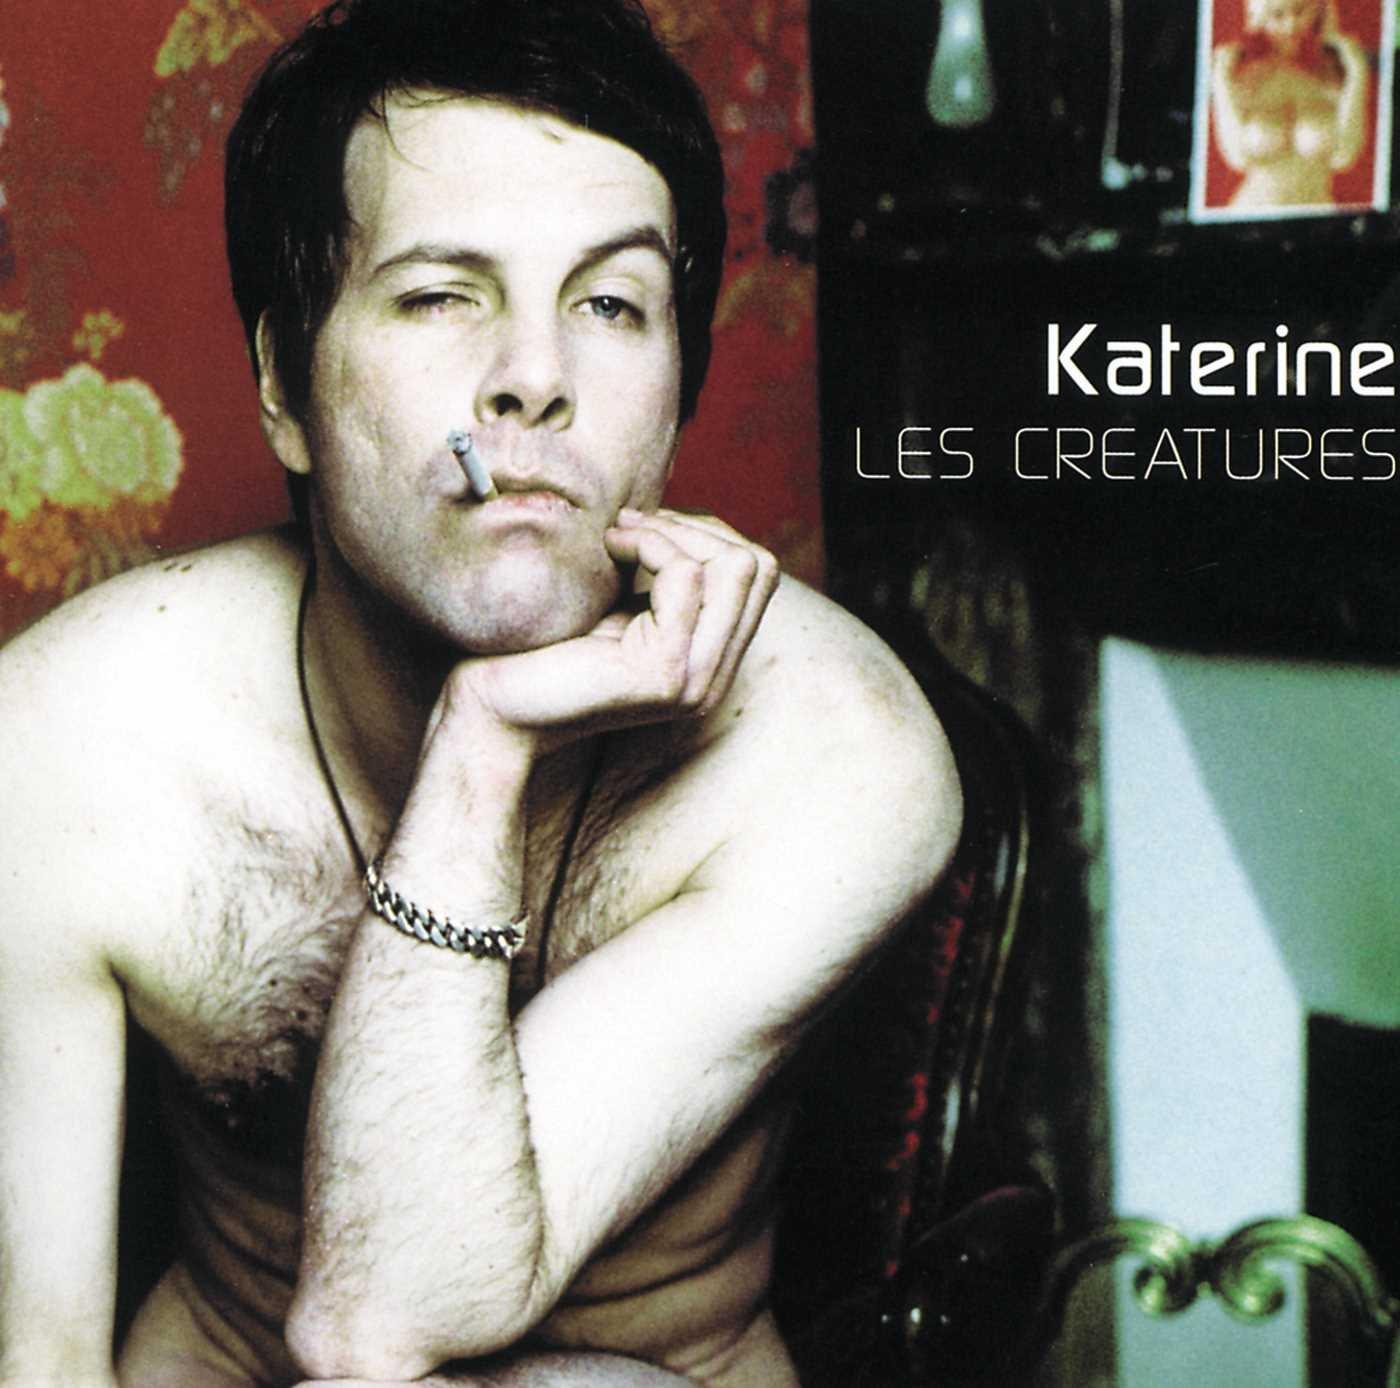 Les créatures - L'homme à trois mains: Philippe Katerine, Philippe Katerine: Amazon.fr: Musique